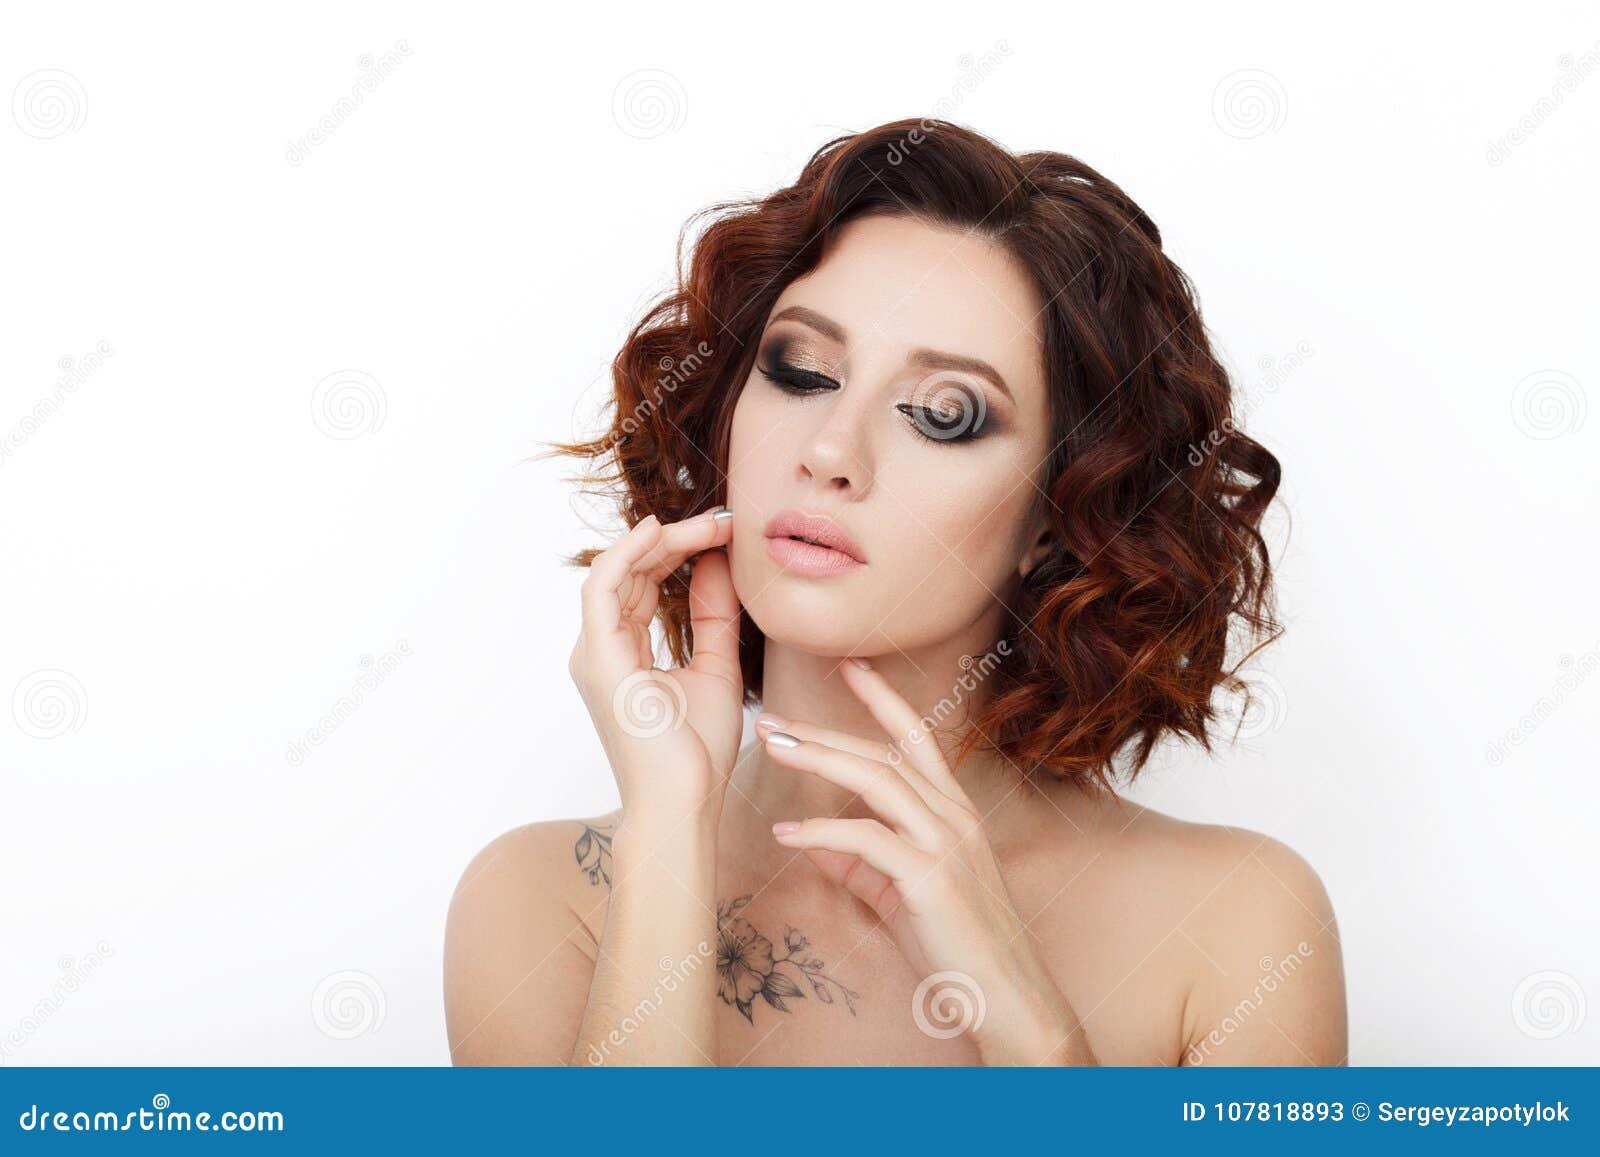 Zamyka w górę piękna studia strzelającego piękna rudzielec kobieta z wspaniałego makeup kędzierzawym włosy